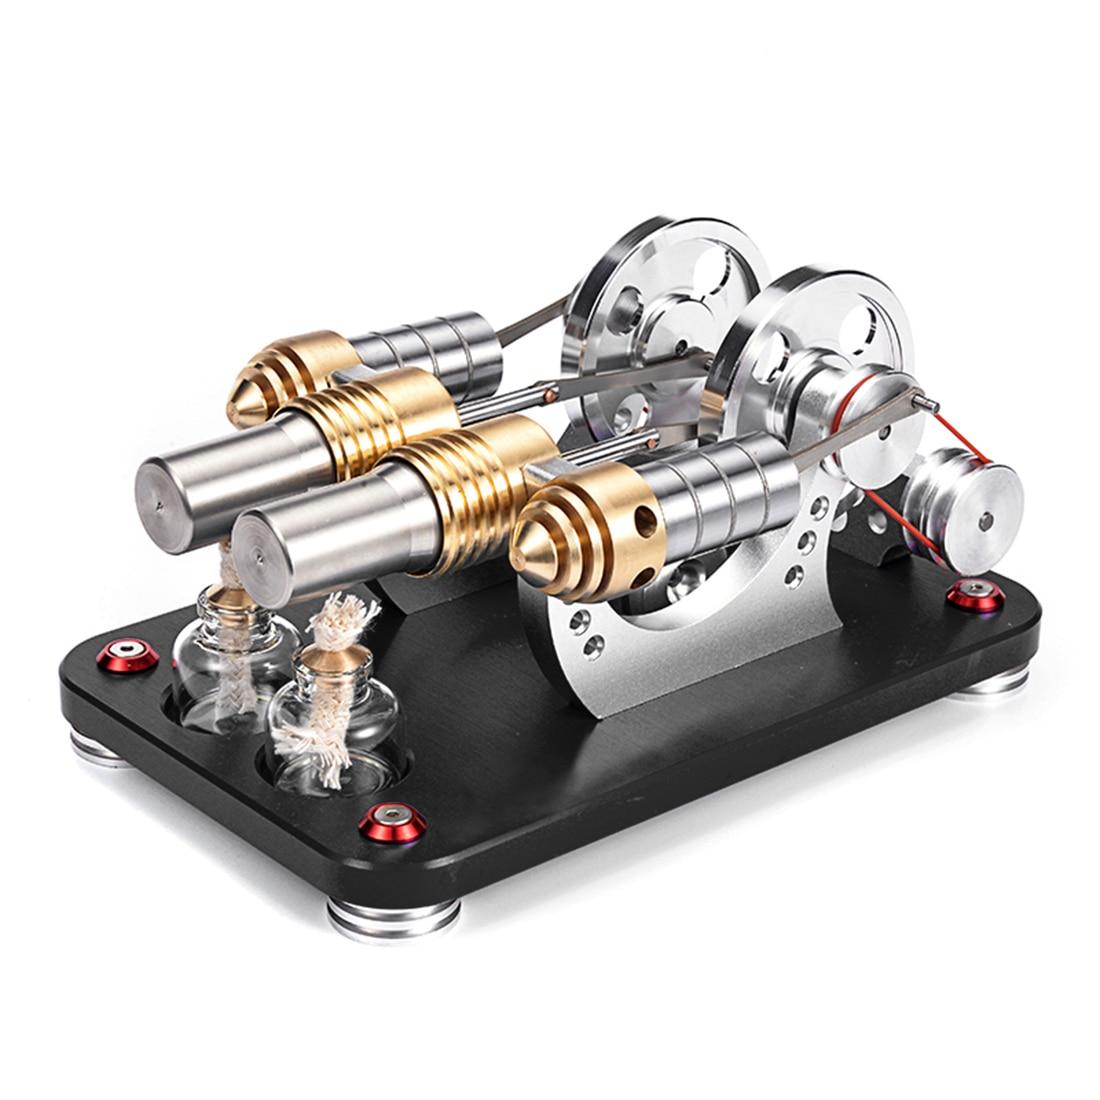 Moteur Stirling parallèle 2 cylindres Bootable en métal modèle Micro moteur à Combustion externe modèle élégant noir-in Kits de construction from Jeux et loisirs    1